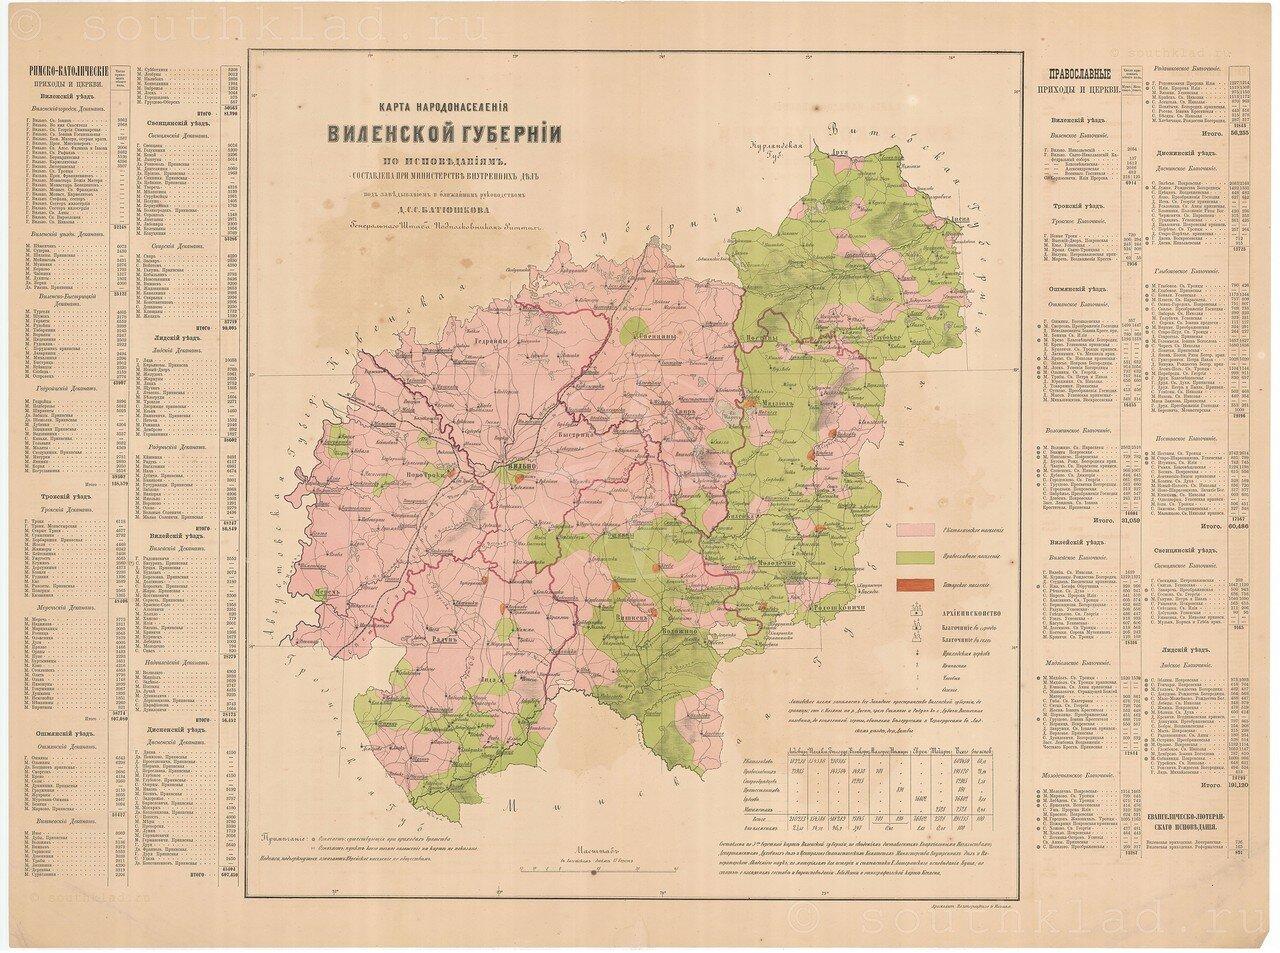 08. Карта народонаселения Виленской губернии по исповеданиям